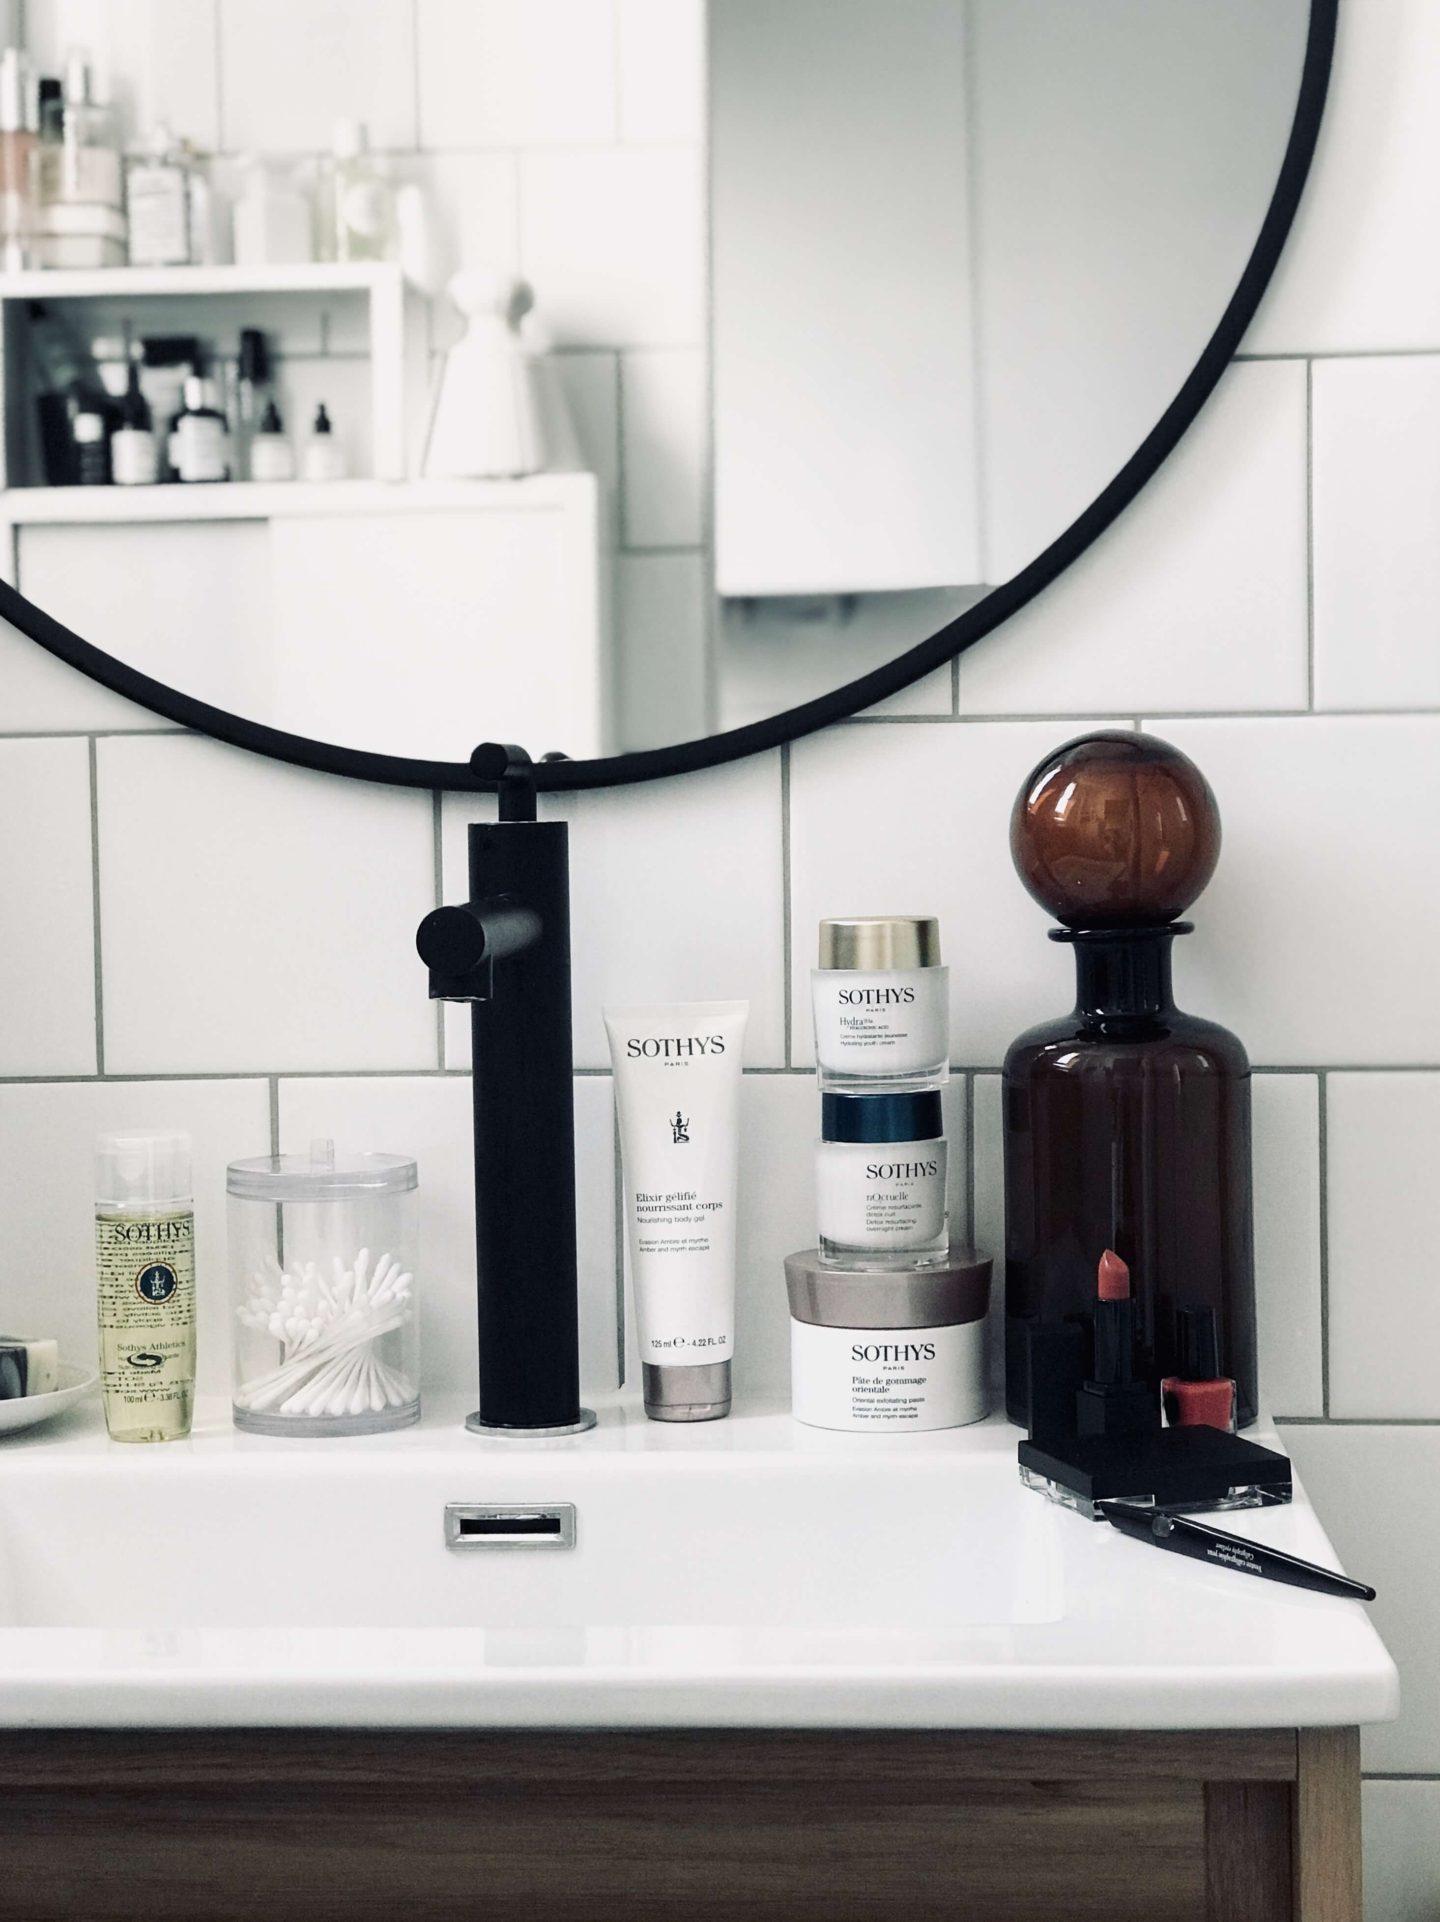 Sothys Paris cosmétique soins spa institut L'atelier d'al blog lifestyle mode fashion